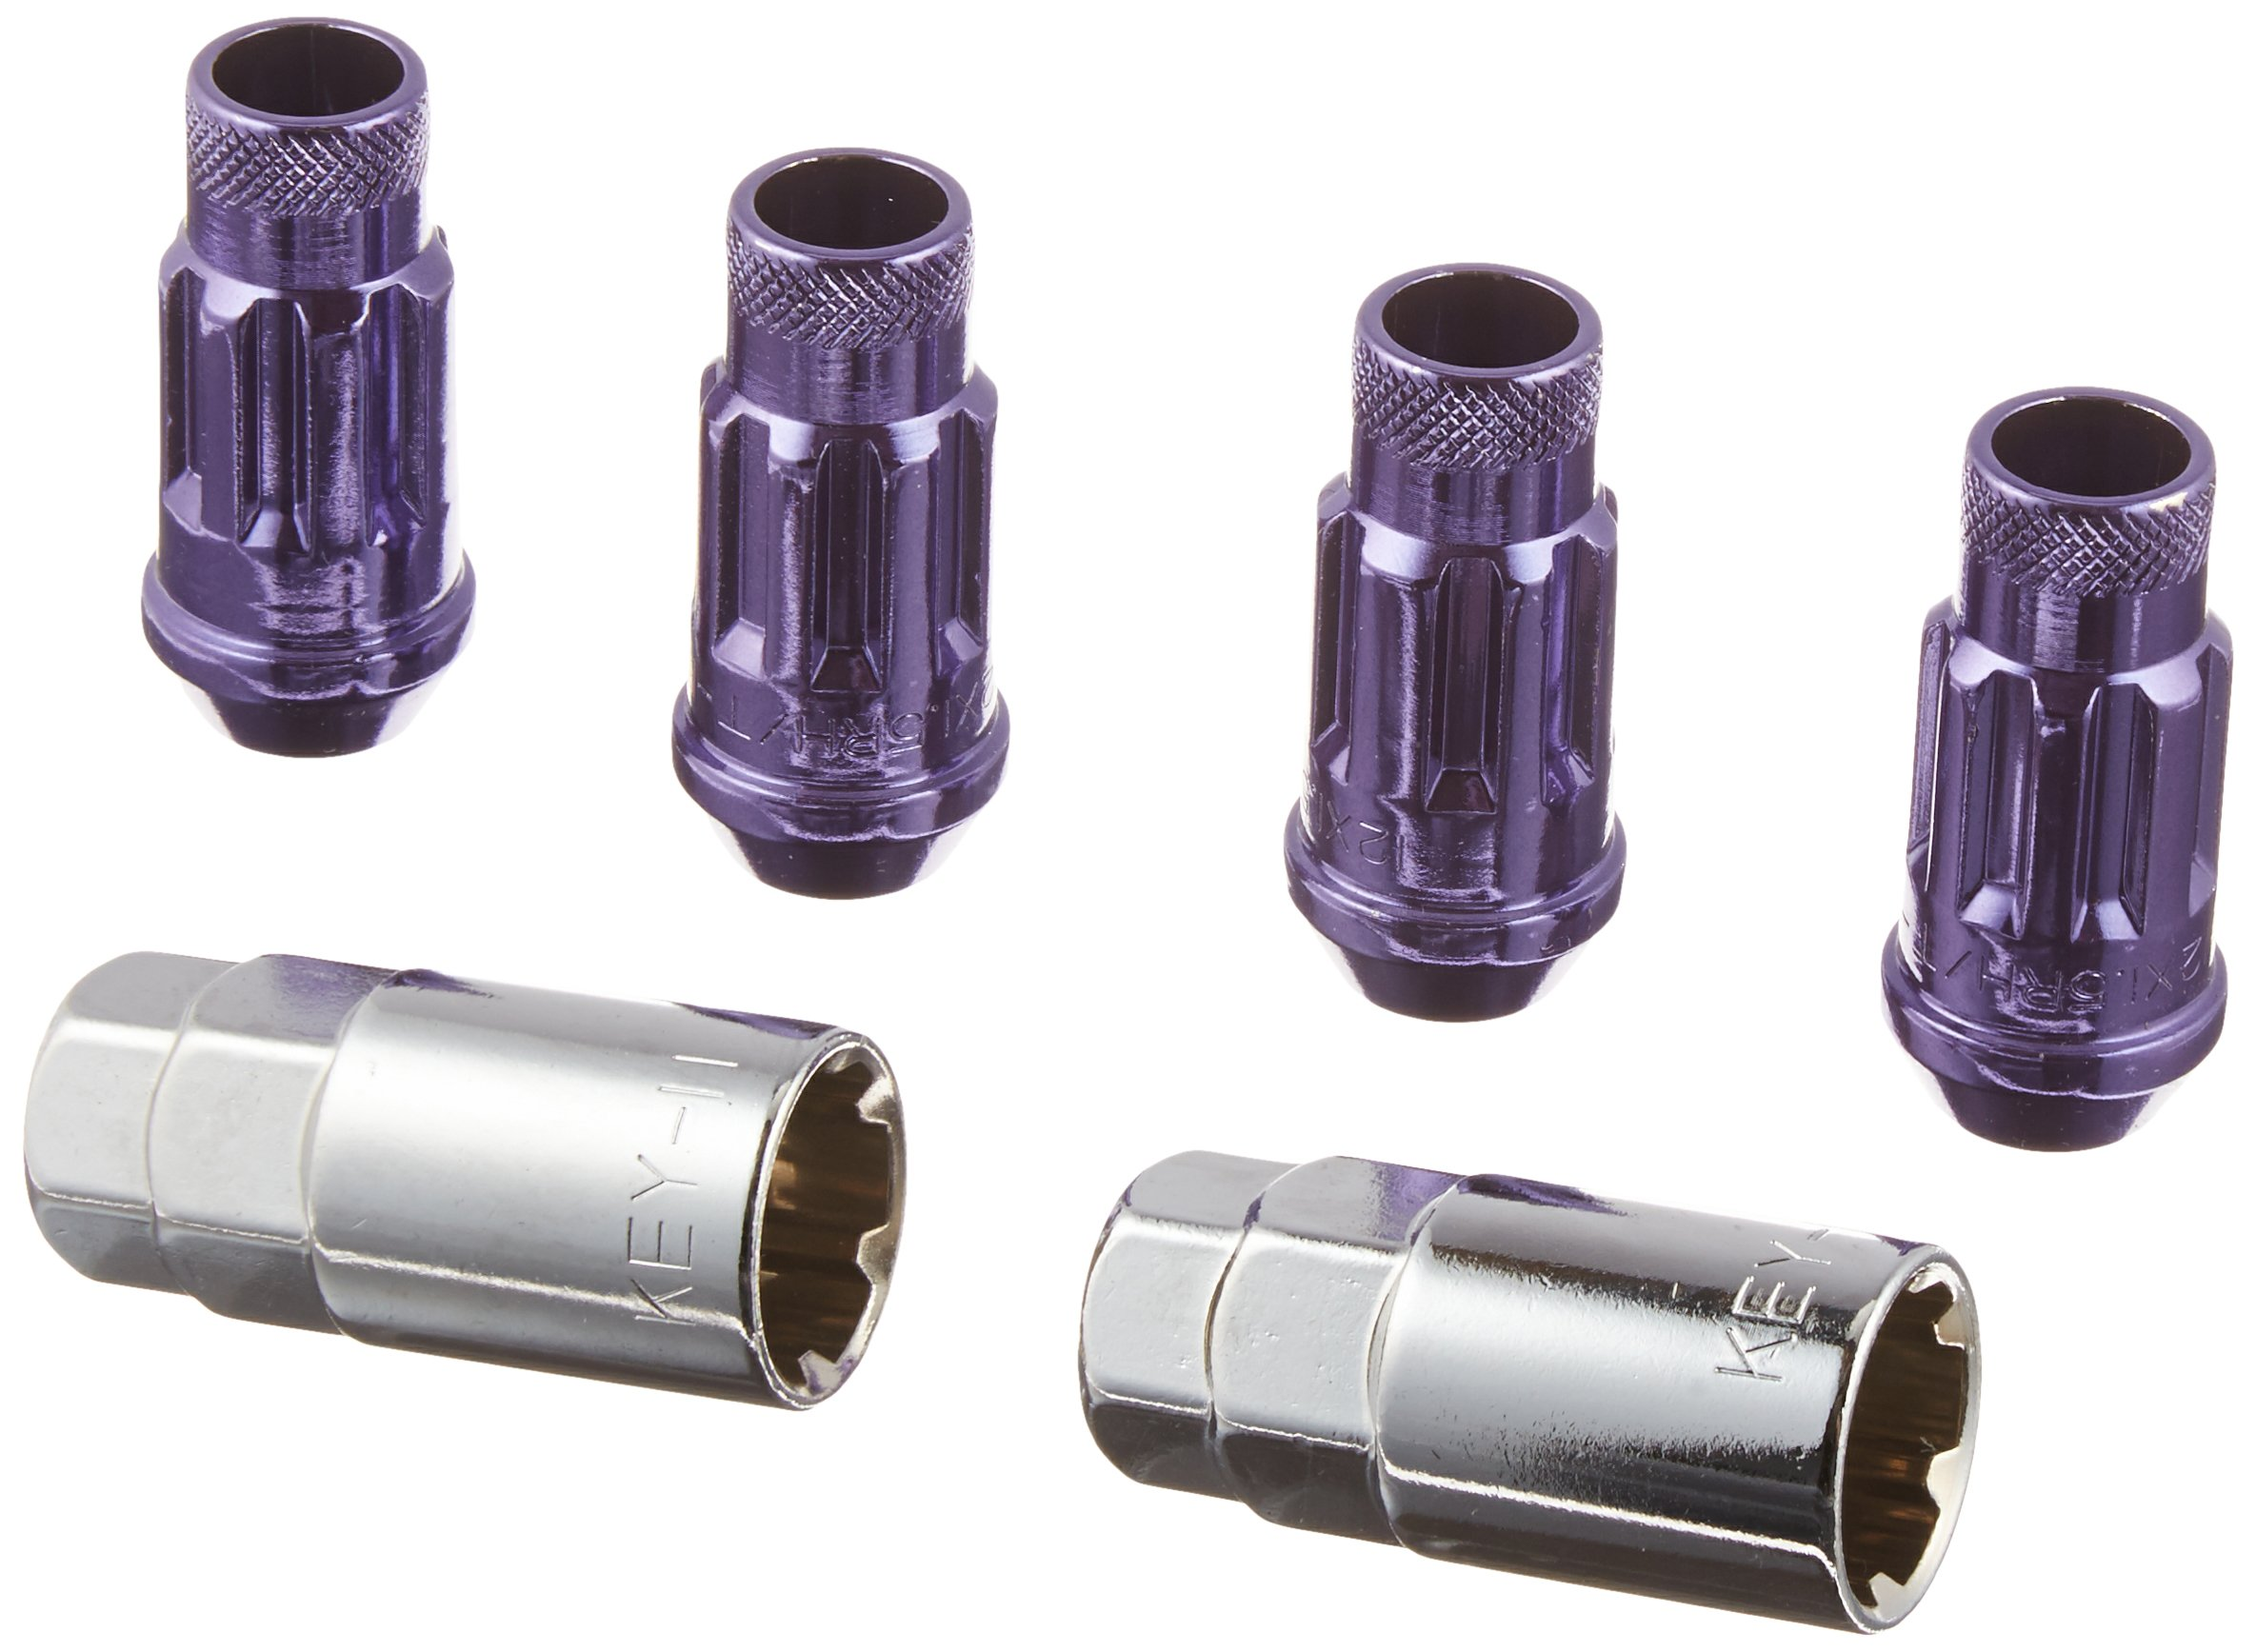 Muteki 32902L Purple 12mm x 1.5mm SR48 Open End Locking Lug Nut Set